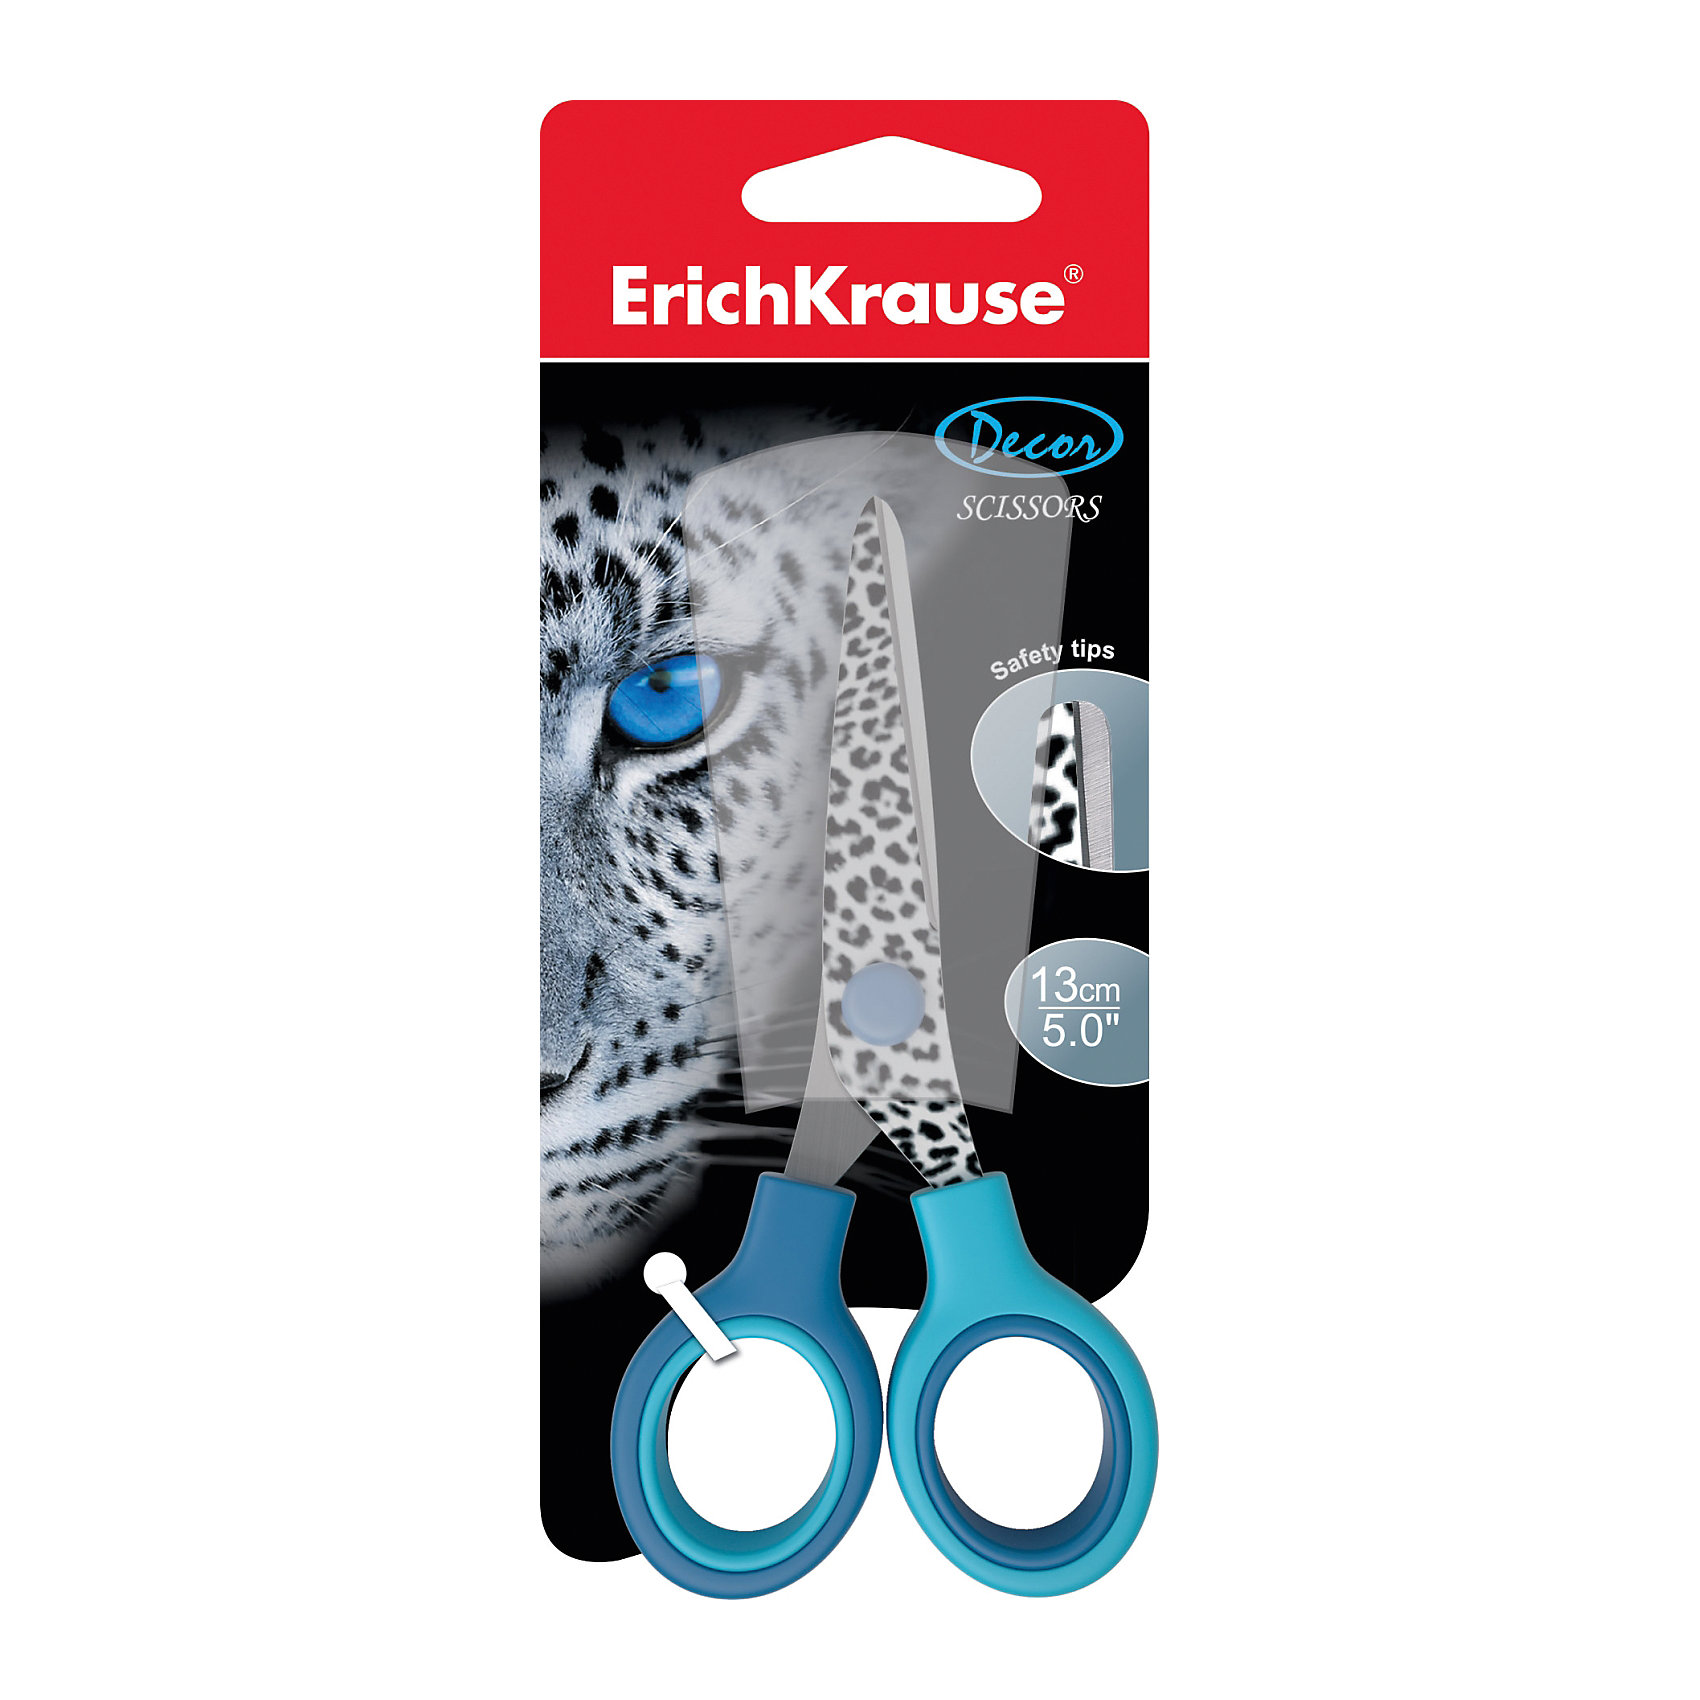 Ножницы Ирбис 13 смШкольные аксессуары<br>Характеристики ножниц Ирбис:<br><br>• возраст: от 5 лет<br>• пол: для мальчиков и девочек<br>• цвет: голубой<br>• тип: многоцелевые ножницы<br>• материал: нержавеющая сталь, пластик<br>• размеры: 13 см<br>• размер упаковки: 18 x 7 x 2 см<br>• упаковка: блистер<br>• вес в упаковке: 35 г<br>• бренд: Erich Krause<br>• страна: Китай<br><br>Ножницы торговой марки Erich Krause Ирбис идеально подойдут для использования в офисе и дома. Безопасные закругленные лезвия выполнены из высококачественной нержавеющей стали. На режущее полотно нанесен яркий анималистичный принт. Прочные пластиковые ручки гарантируют комфорт и надежность во время работы. <br><br>Ножницы Ирбис 13 см торговой марки Erich Krause можно купить в нашем интернет-магазине.<br><br>Ширина мм: 80<br>Глубина мм: 180<br>Высота мм: 10<br>Вес г: 43<br>Возраст от месяцев: 60<br>Возраст до месяцев: 216<br>Пол: Мужской<br>Возраст: Детский<br>SKU: 5409198